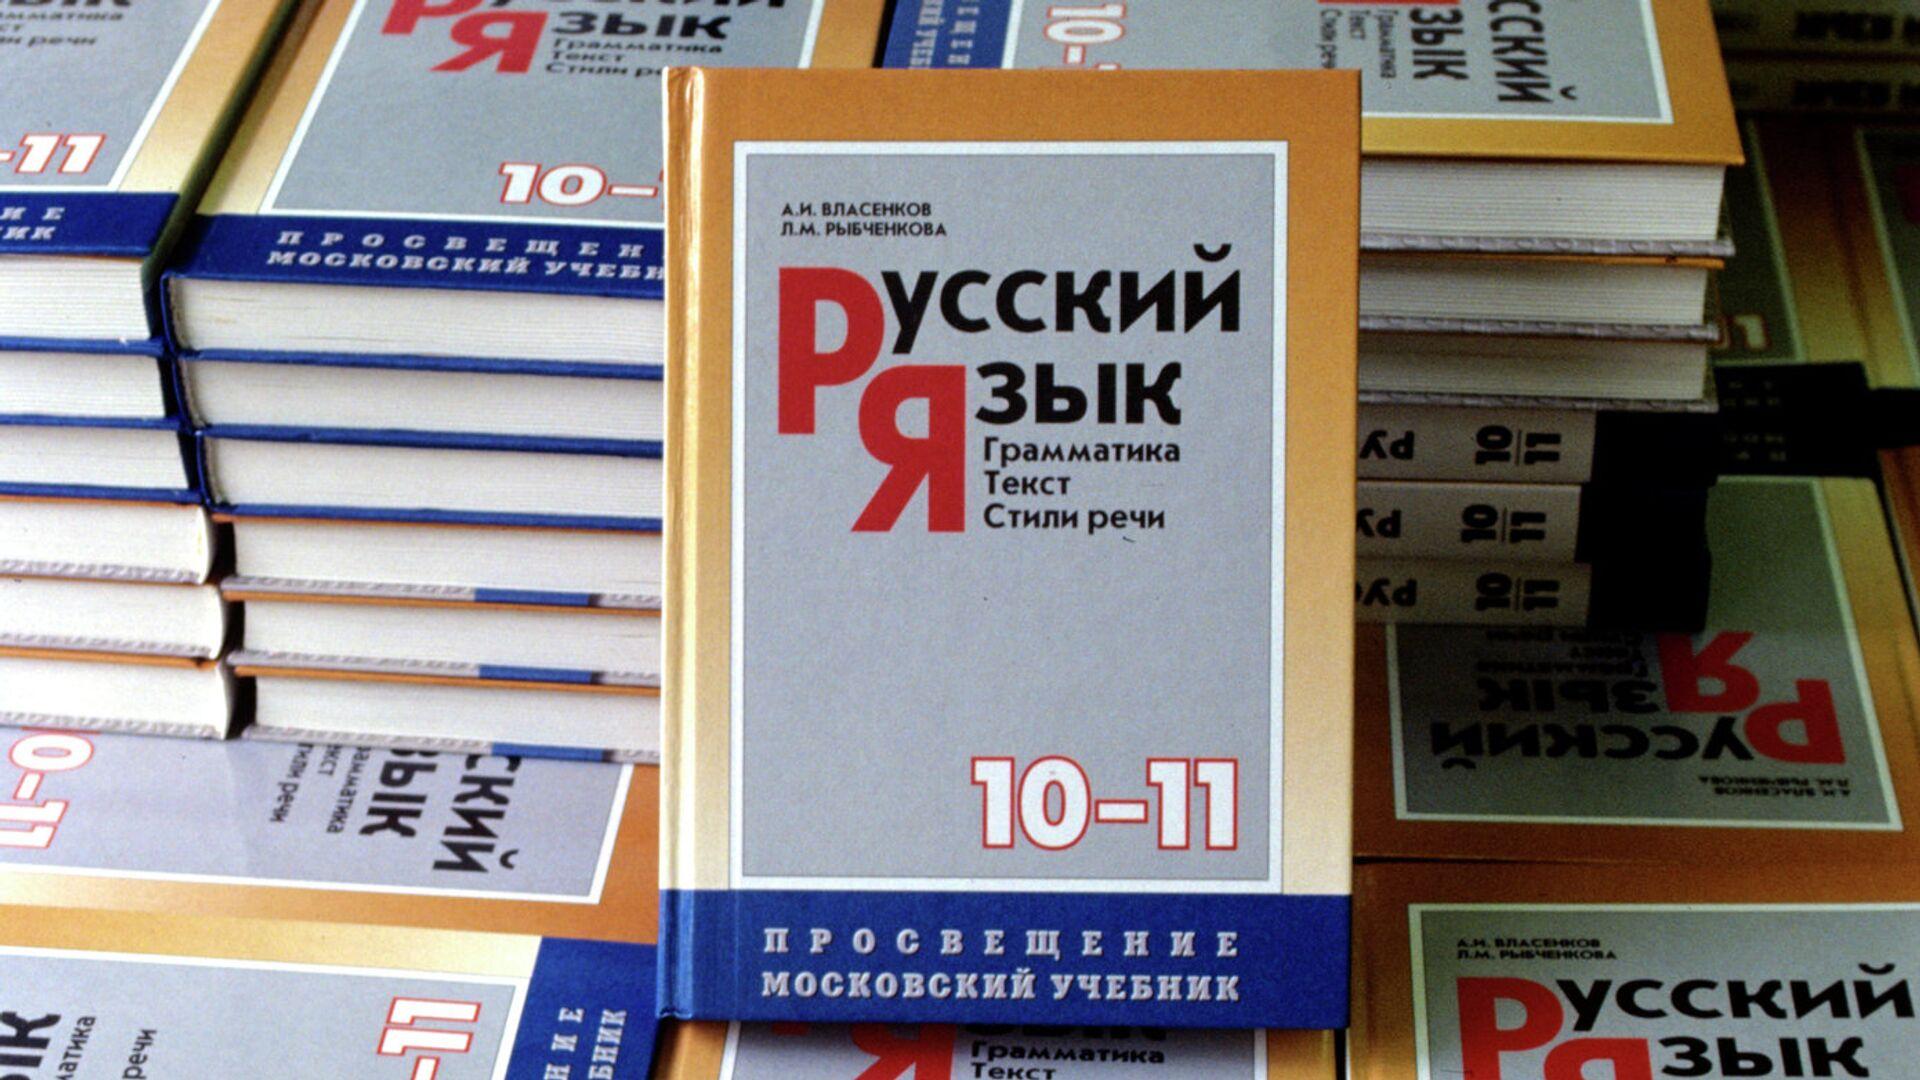 Учебник русского языка 10-11 класса - Sputnik Беларусь, 1920, 24.09.2021